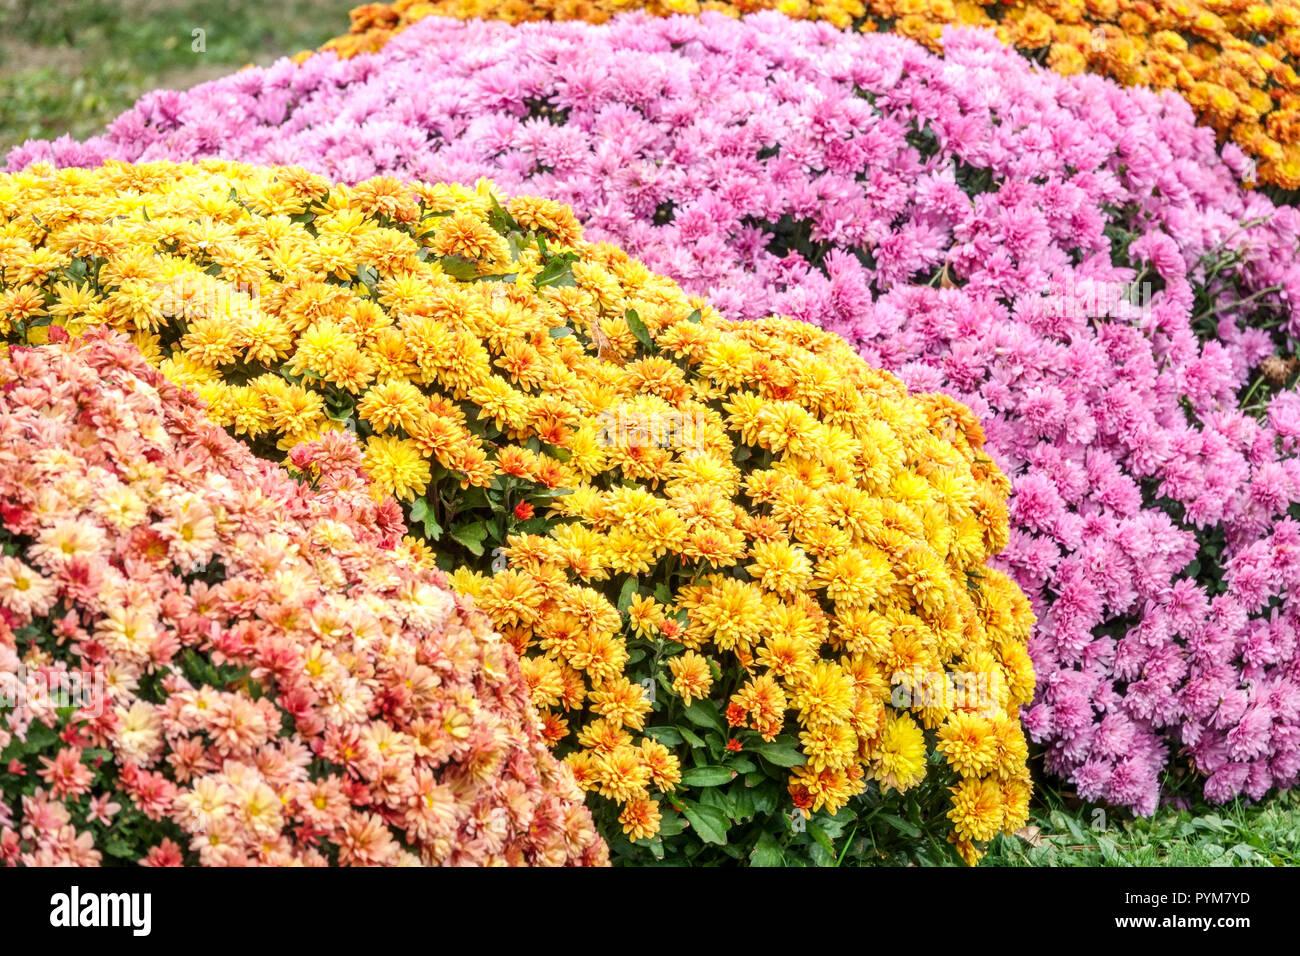 Chrysantheme Herbst Blumen Im Garten Kontrast Und Bunten